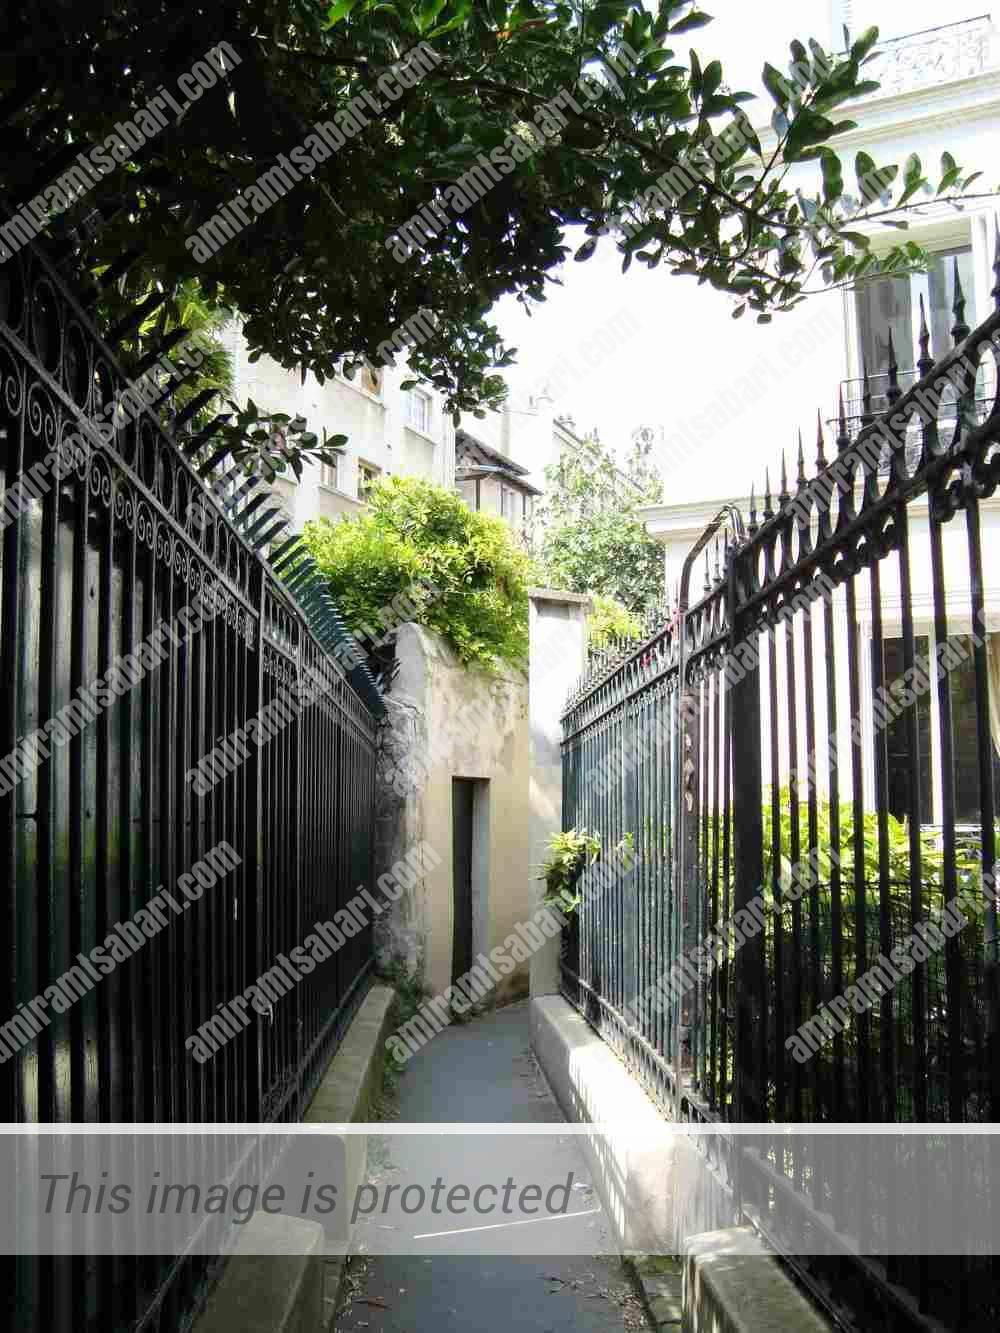 רחוב Sentier des Merisiers שברובע ה-12. מתחרה מכובד לתואר הרחוב הצר בפריז.